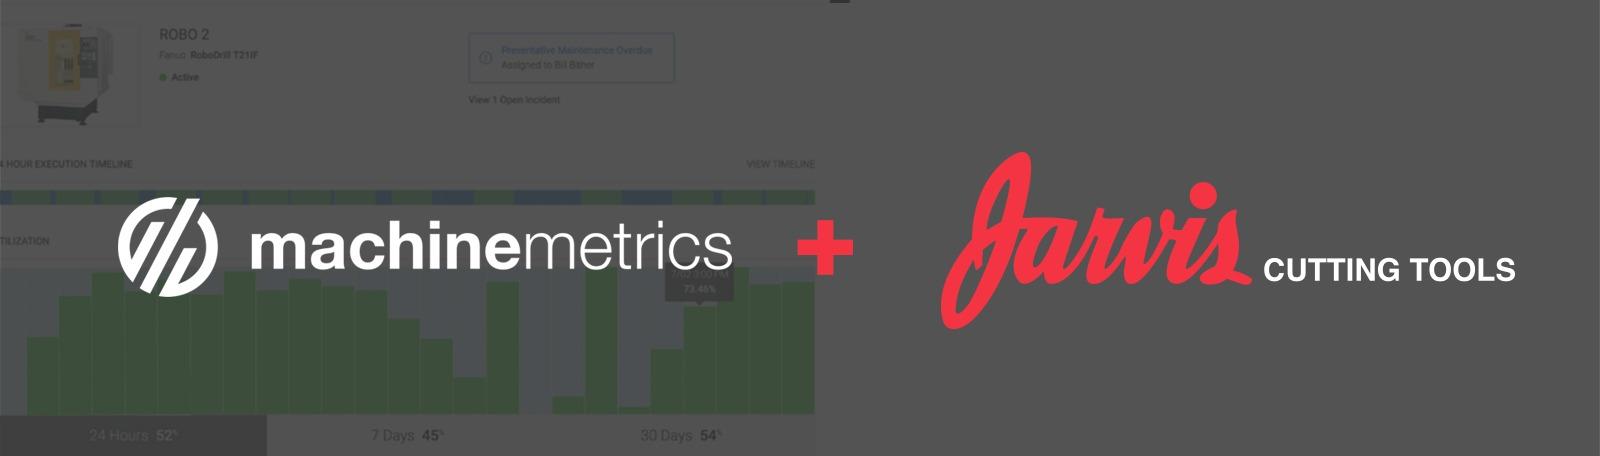 Machine Metrics Header Graphic